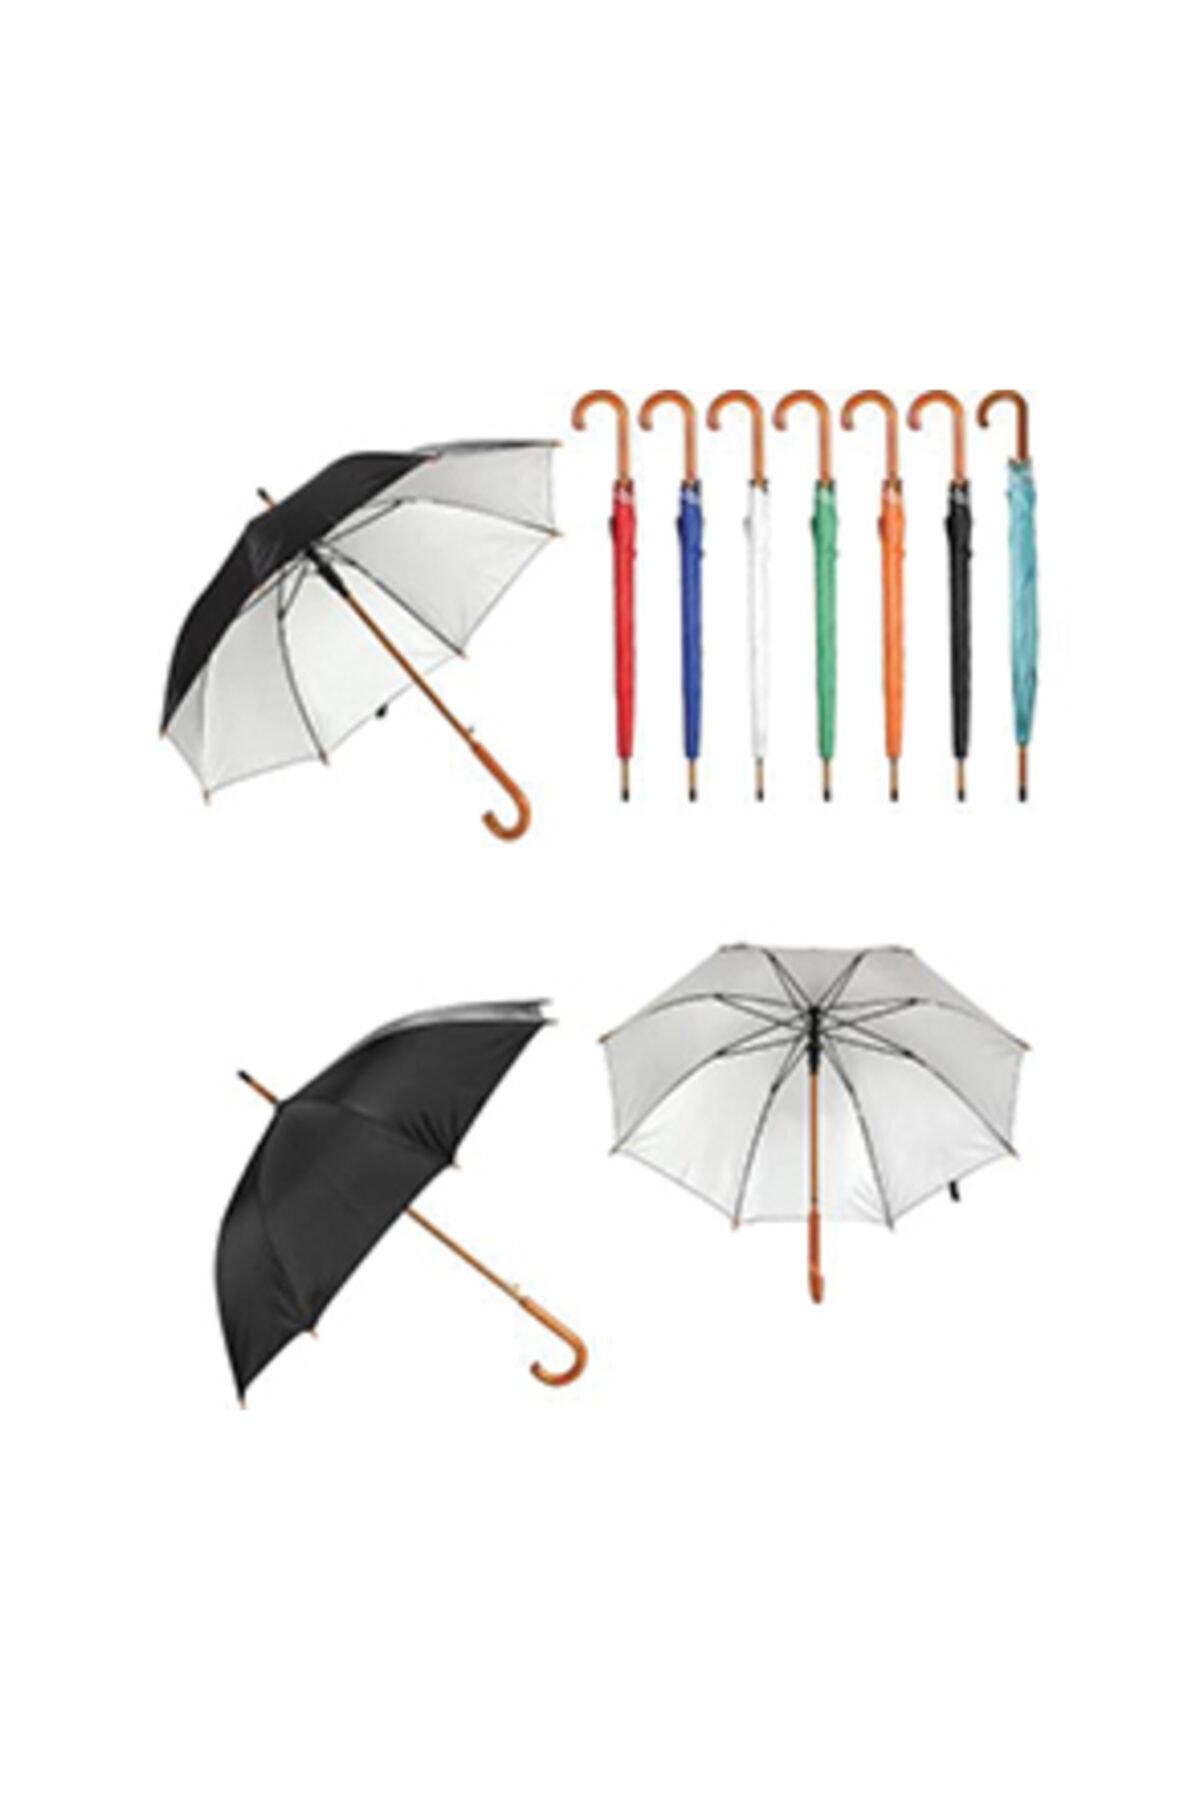 TREND Ahşap Saplı Fiber Glass Kırılmaz Şemsiye (siyah) 2